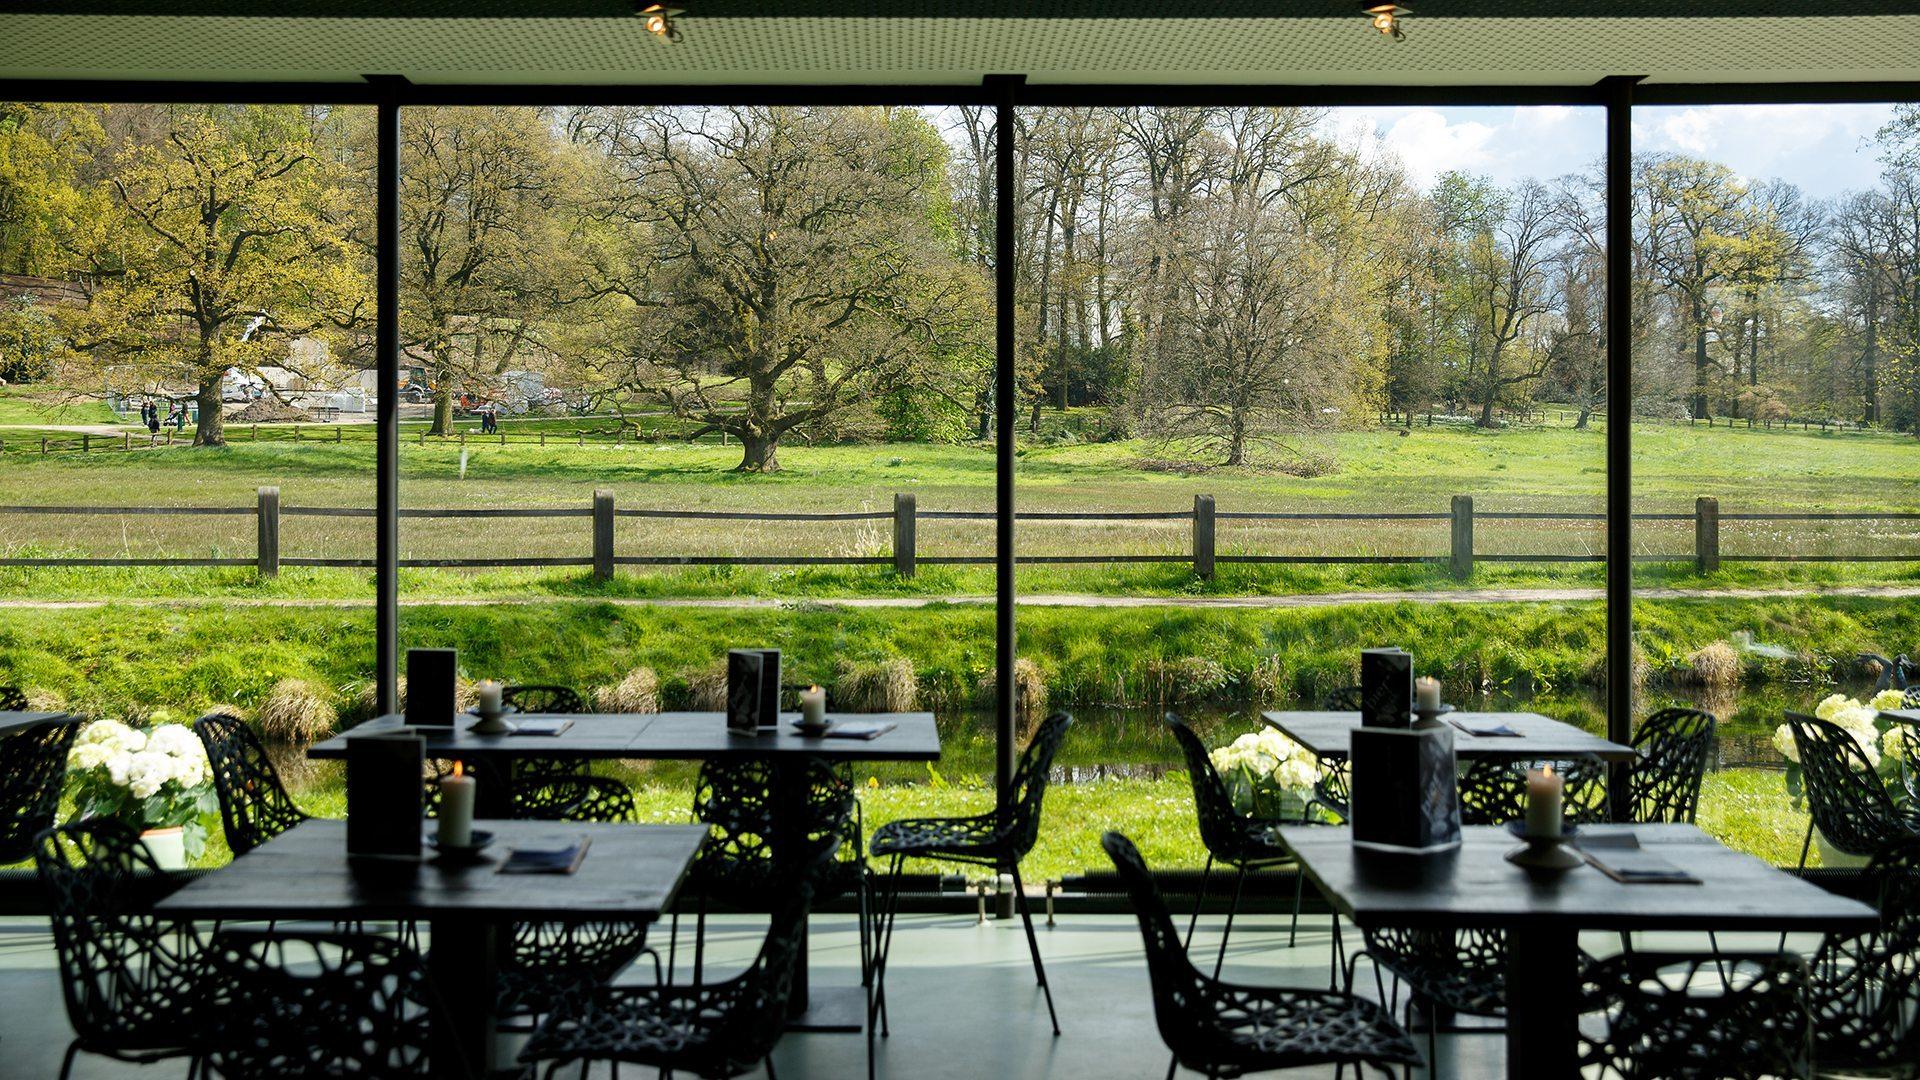 Vergaderlocatie in Arnhem in de natuur Grand cafe aan de Beek